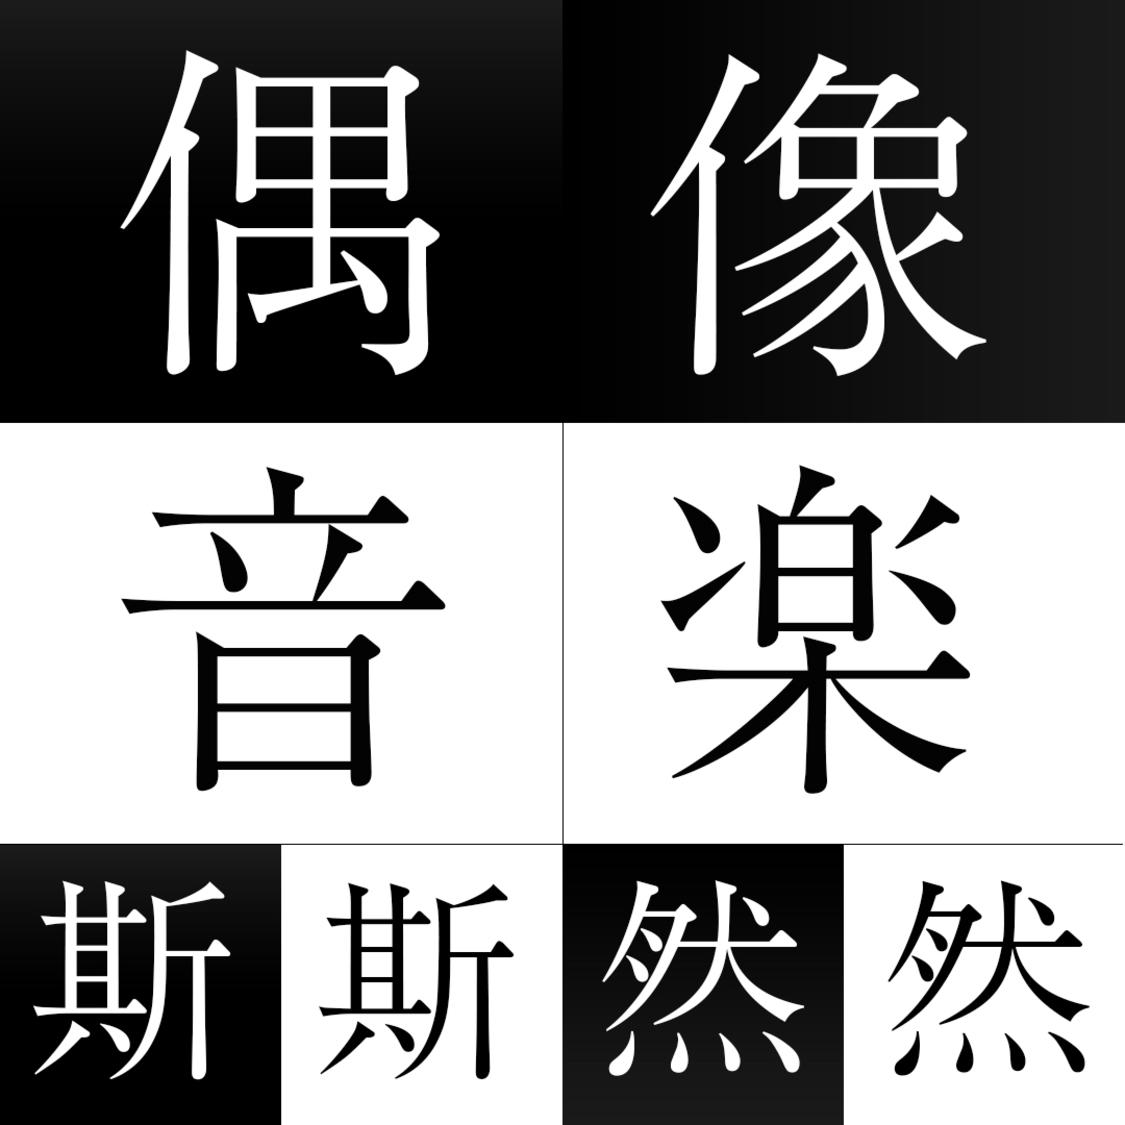 鈴木愛理、predia、=LOVE、神宿、EMPiRE……K-POPトレンドがもたらすJ-POPアイドルの形|「偶像音楽 斯斯然然」第39回